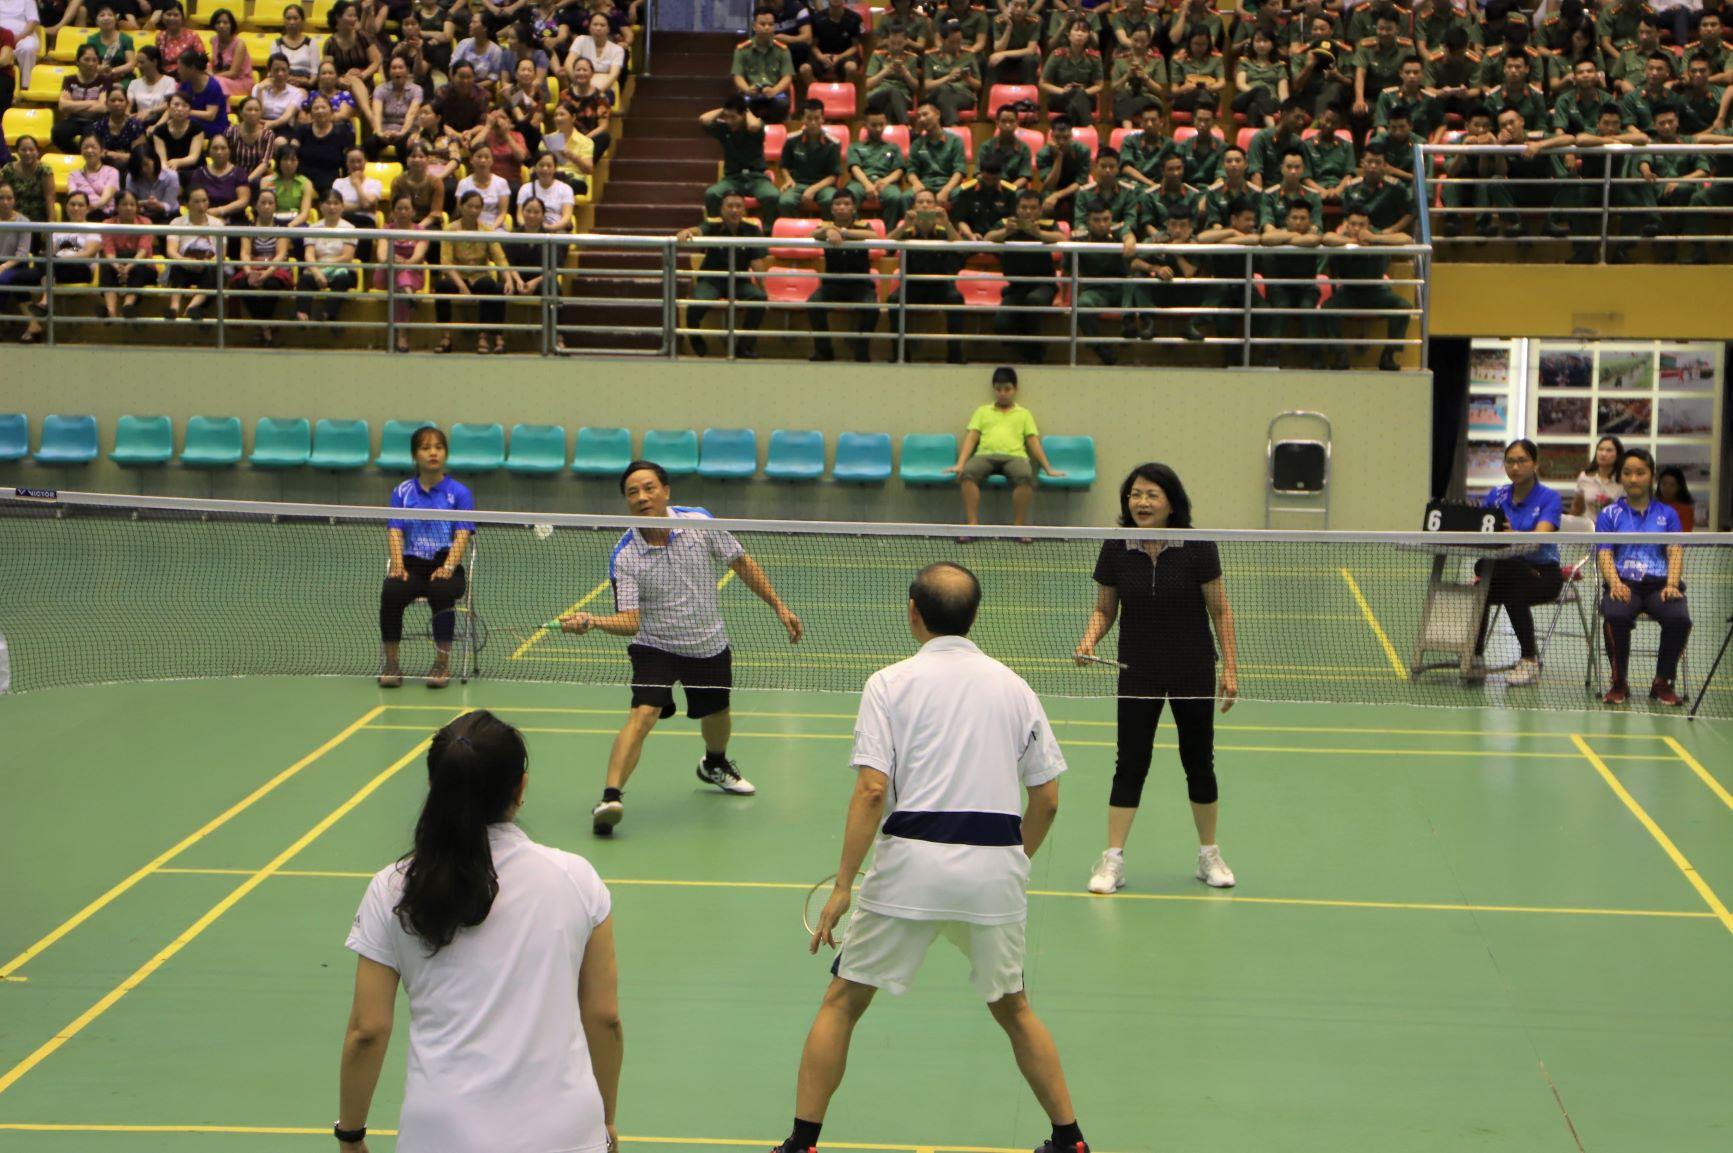 Tại buổi khai mạc Liên hoan Thể dục thể thao phụ nữ toàn quốc năm 2019 diễn ra sáng 20/6 tại Bắc Ninh, bốn vận động viên đặc biệt đã có trận giao hữu cầu lông đôi nam nữ khiến khán giản thích thú.